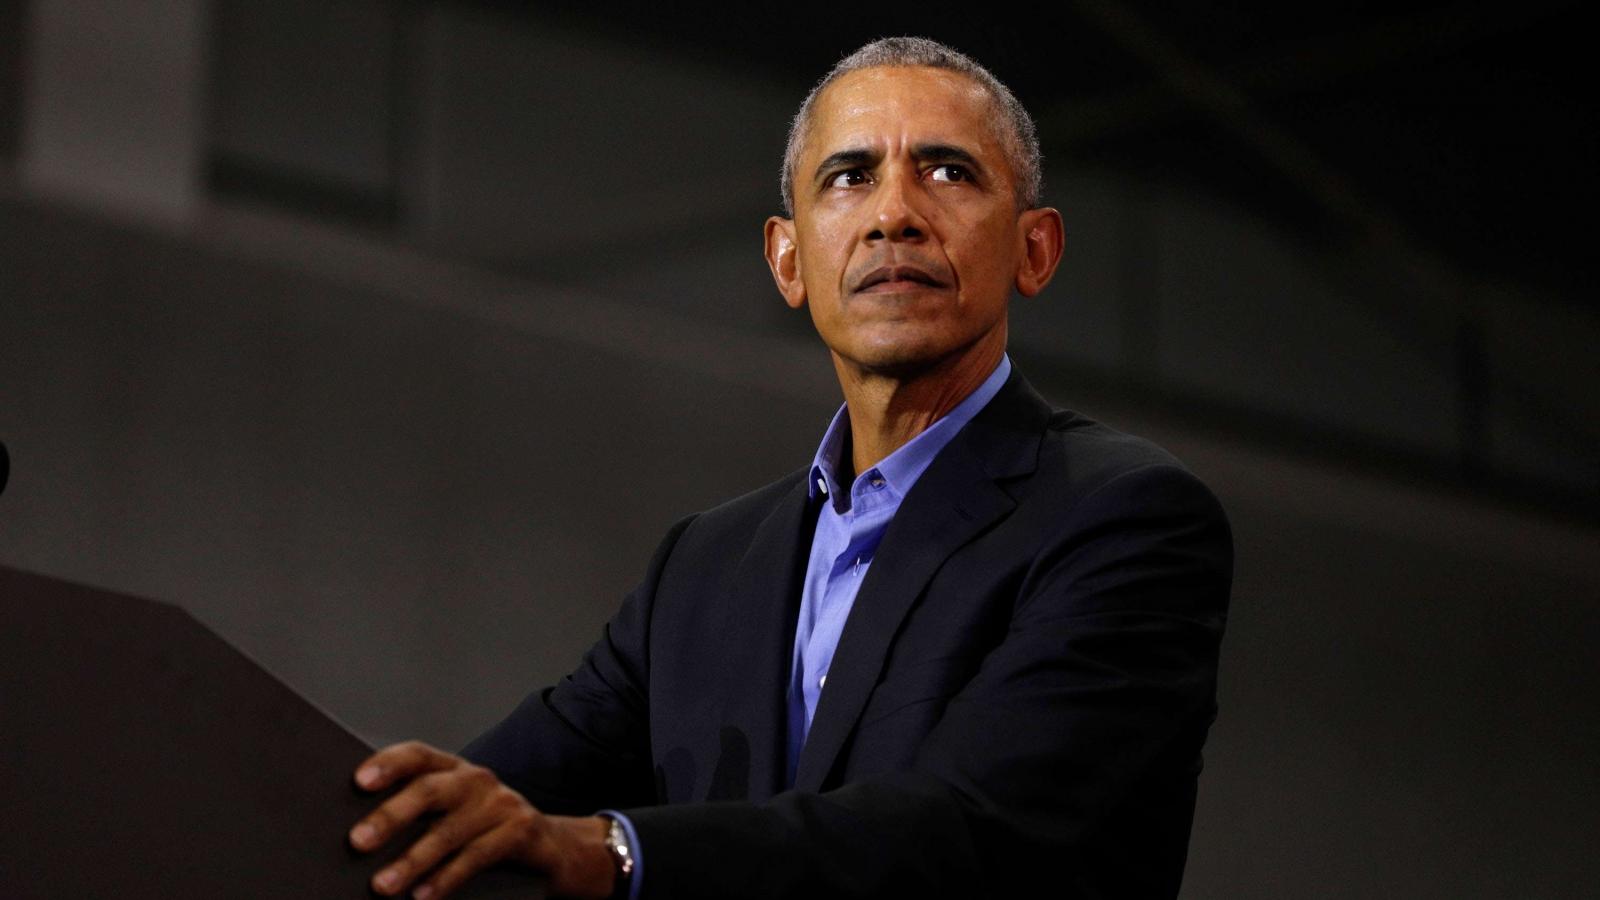 Ông Obama: Kết quả bầu cử cho thấy nước Mỹ đang chia rẽ sâu sắc